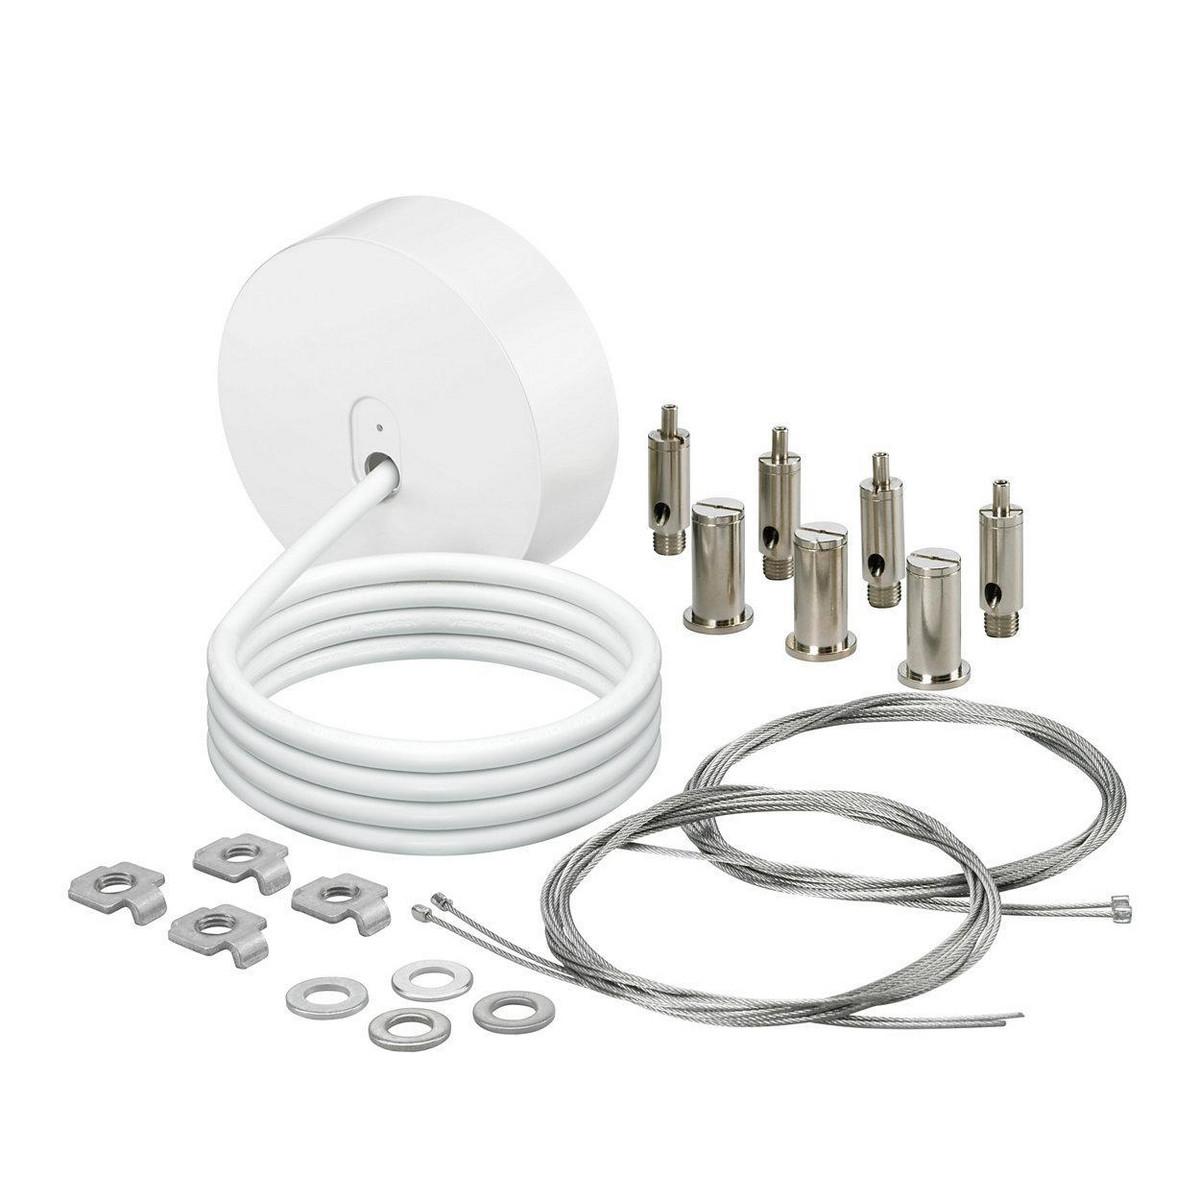 Philips CoreLine Påbyg tilbehør SM134Z 5-polet wiresæt